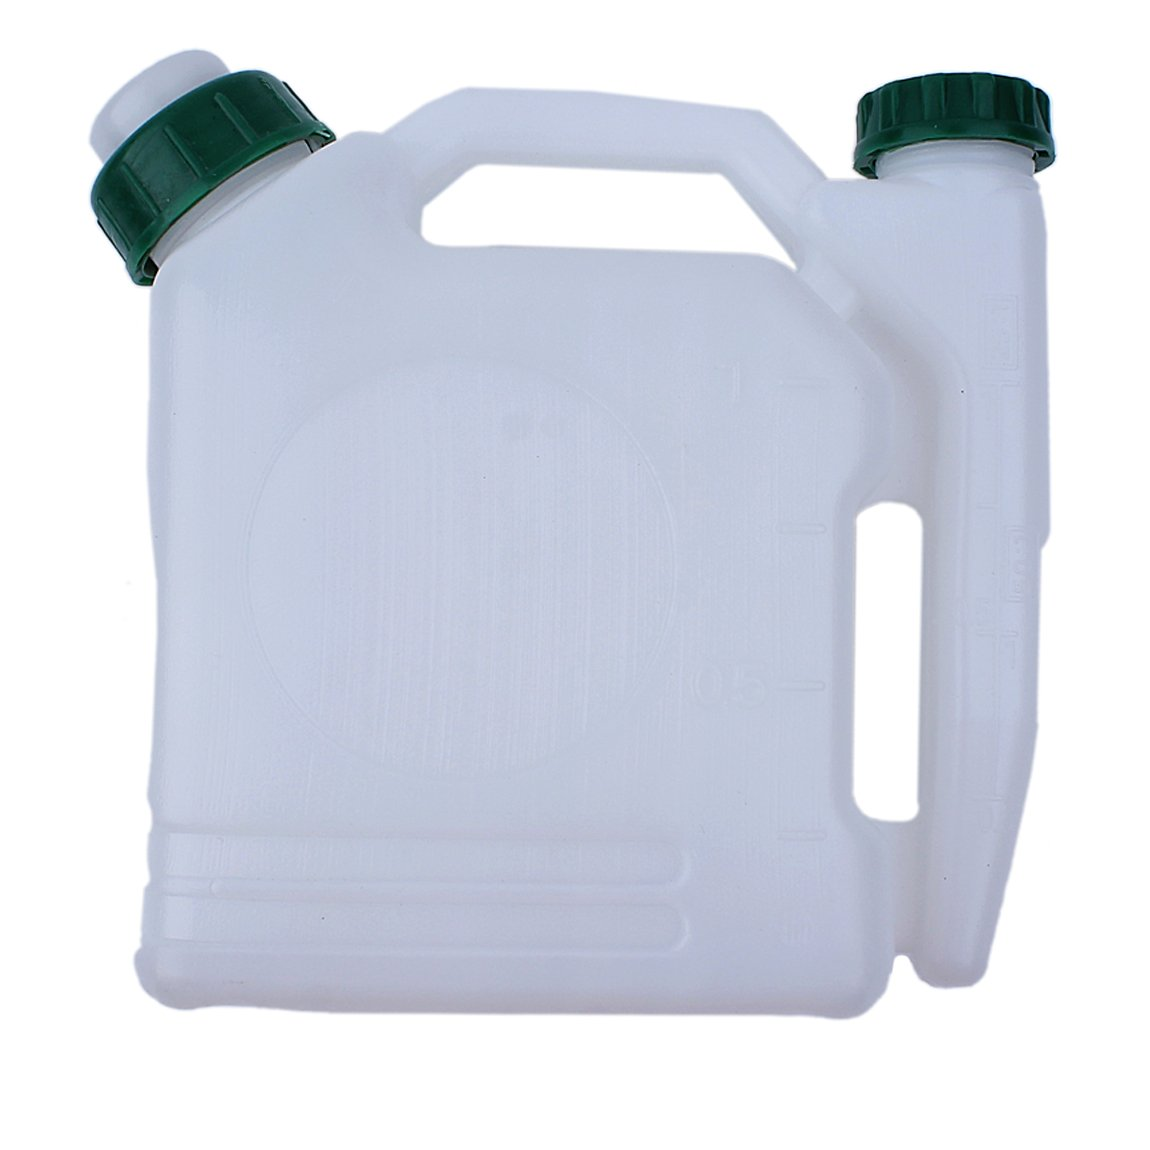 Amazon.com: Botella mezcladora de aceite de gasolina de 1,0 ...